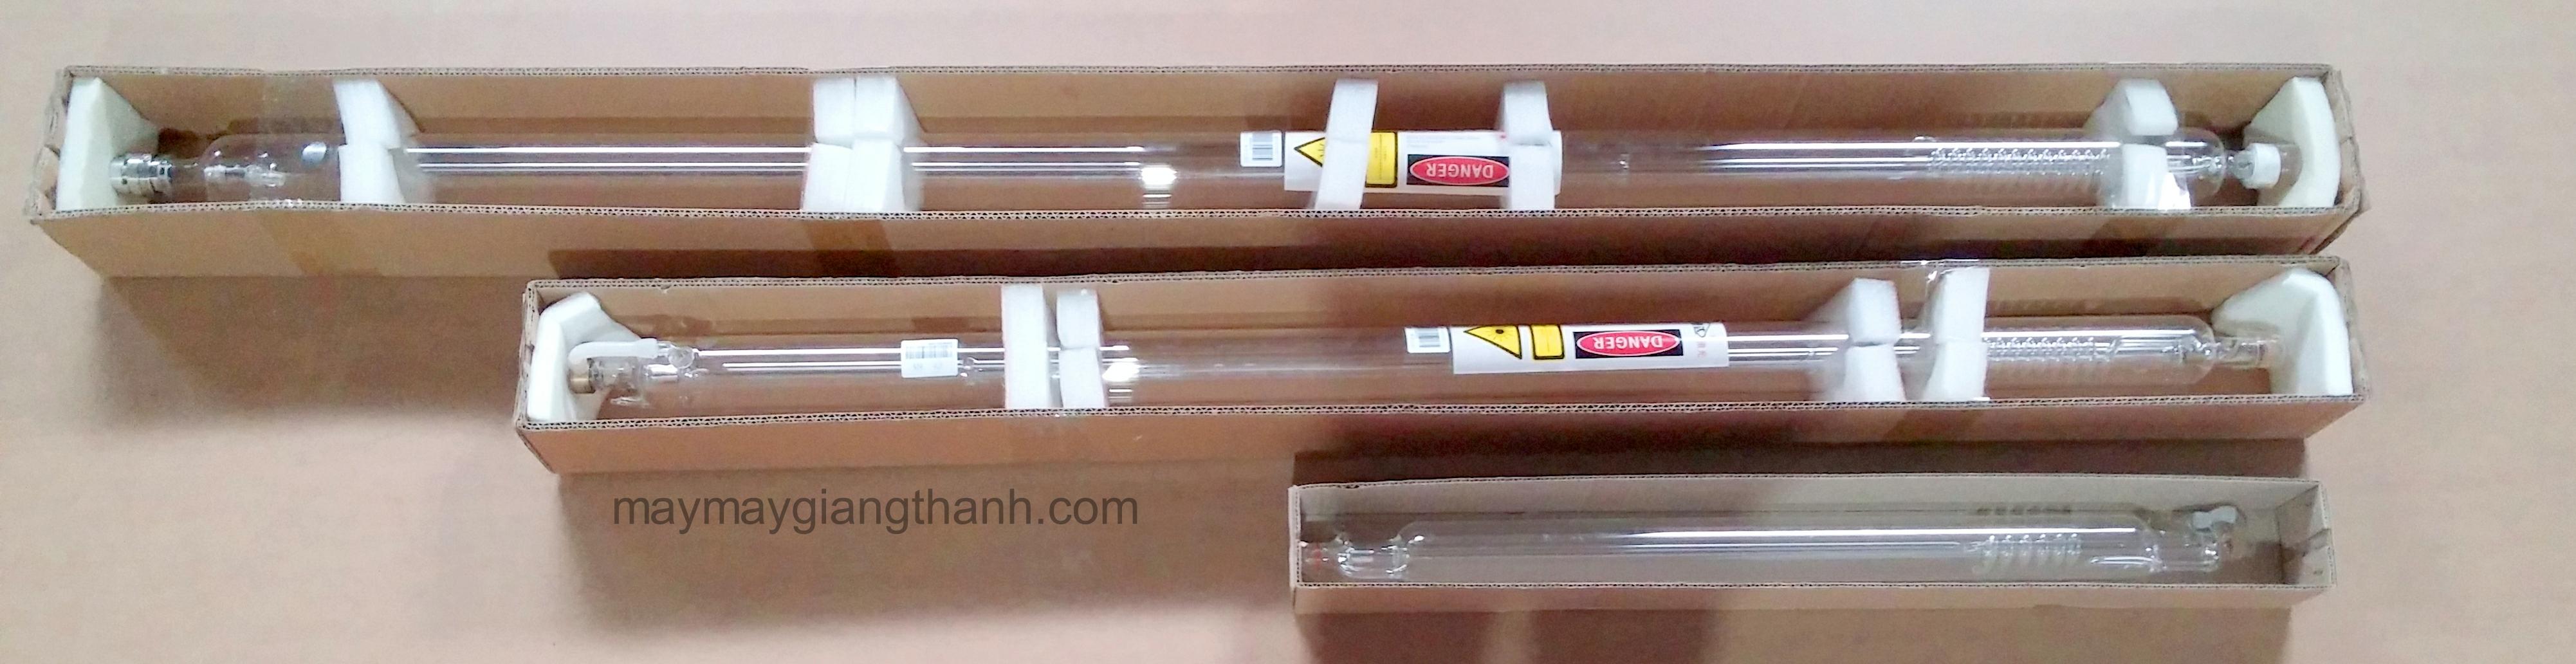 Ống phóng Laser các loại